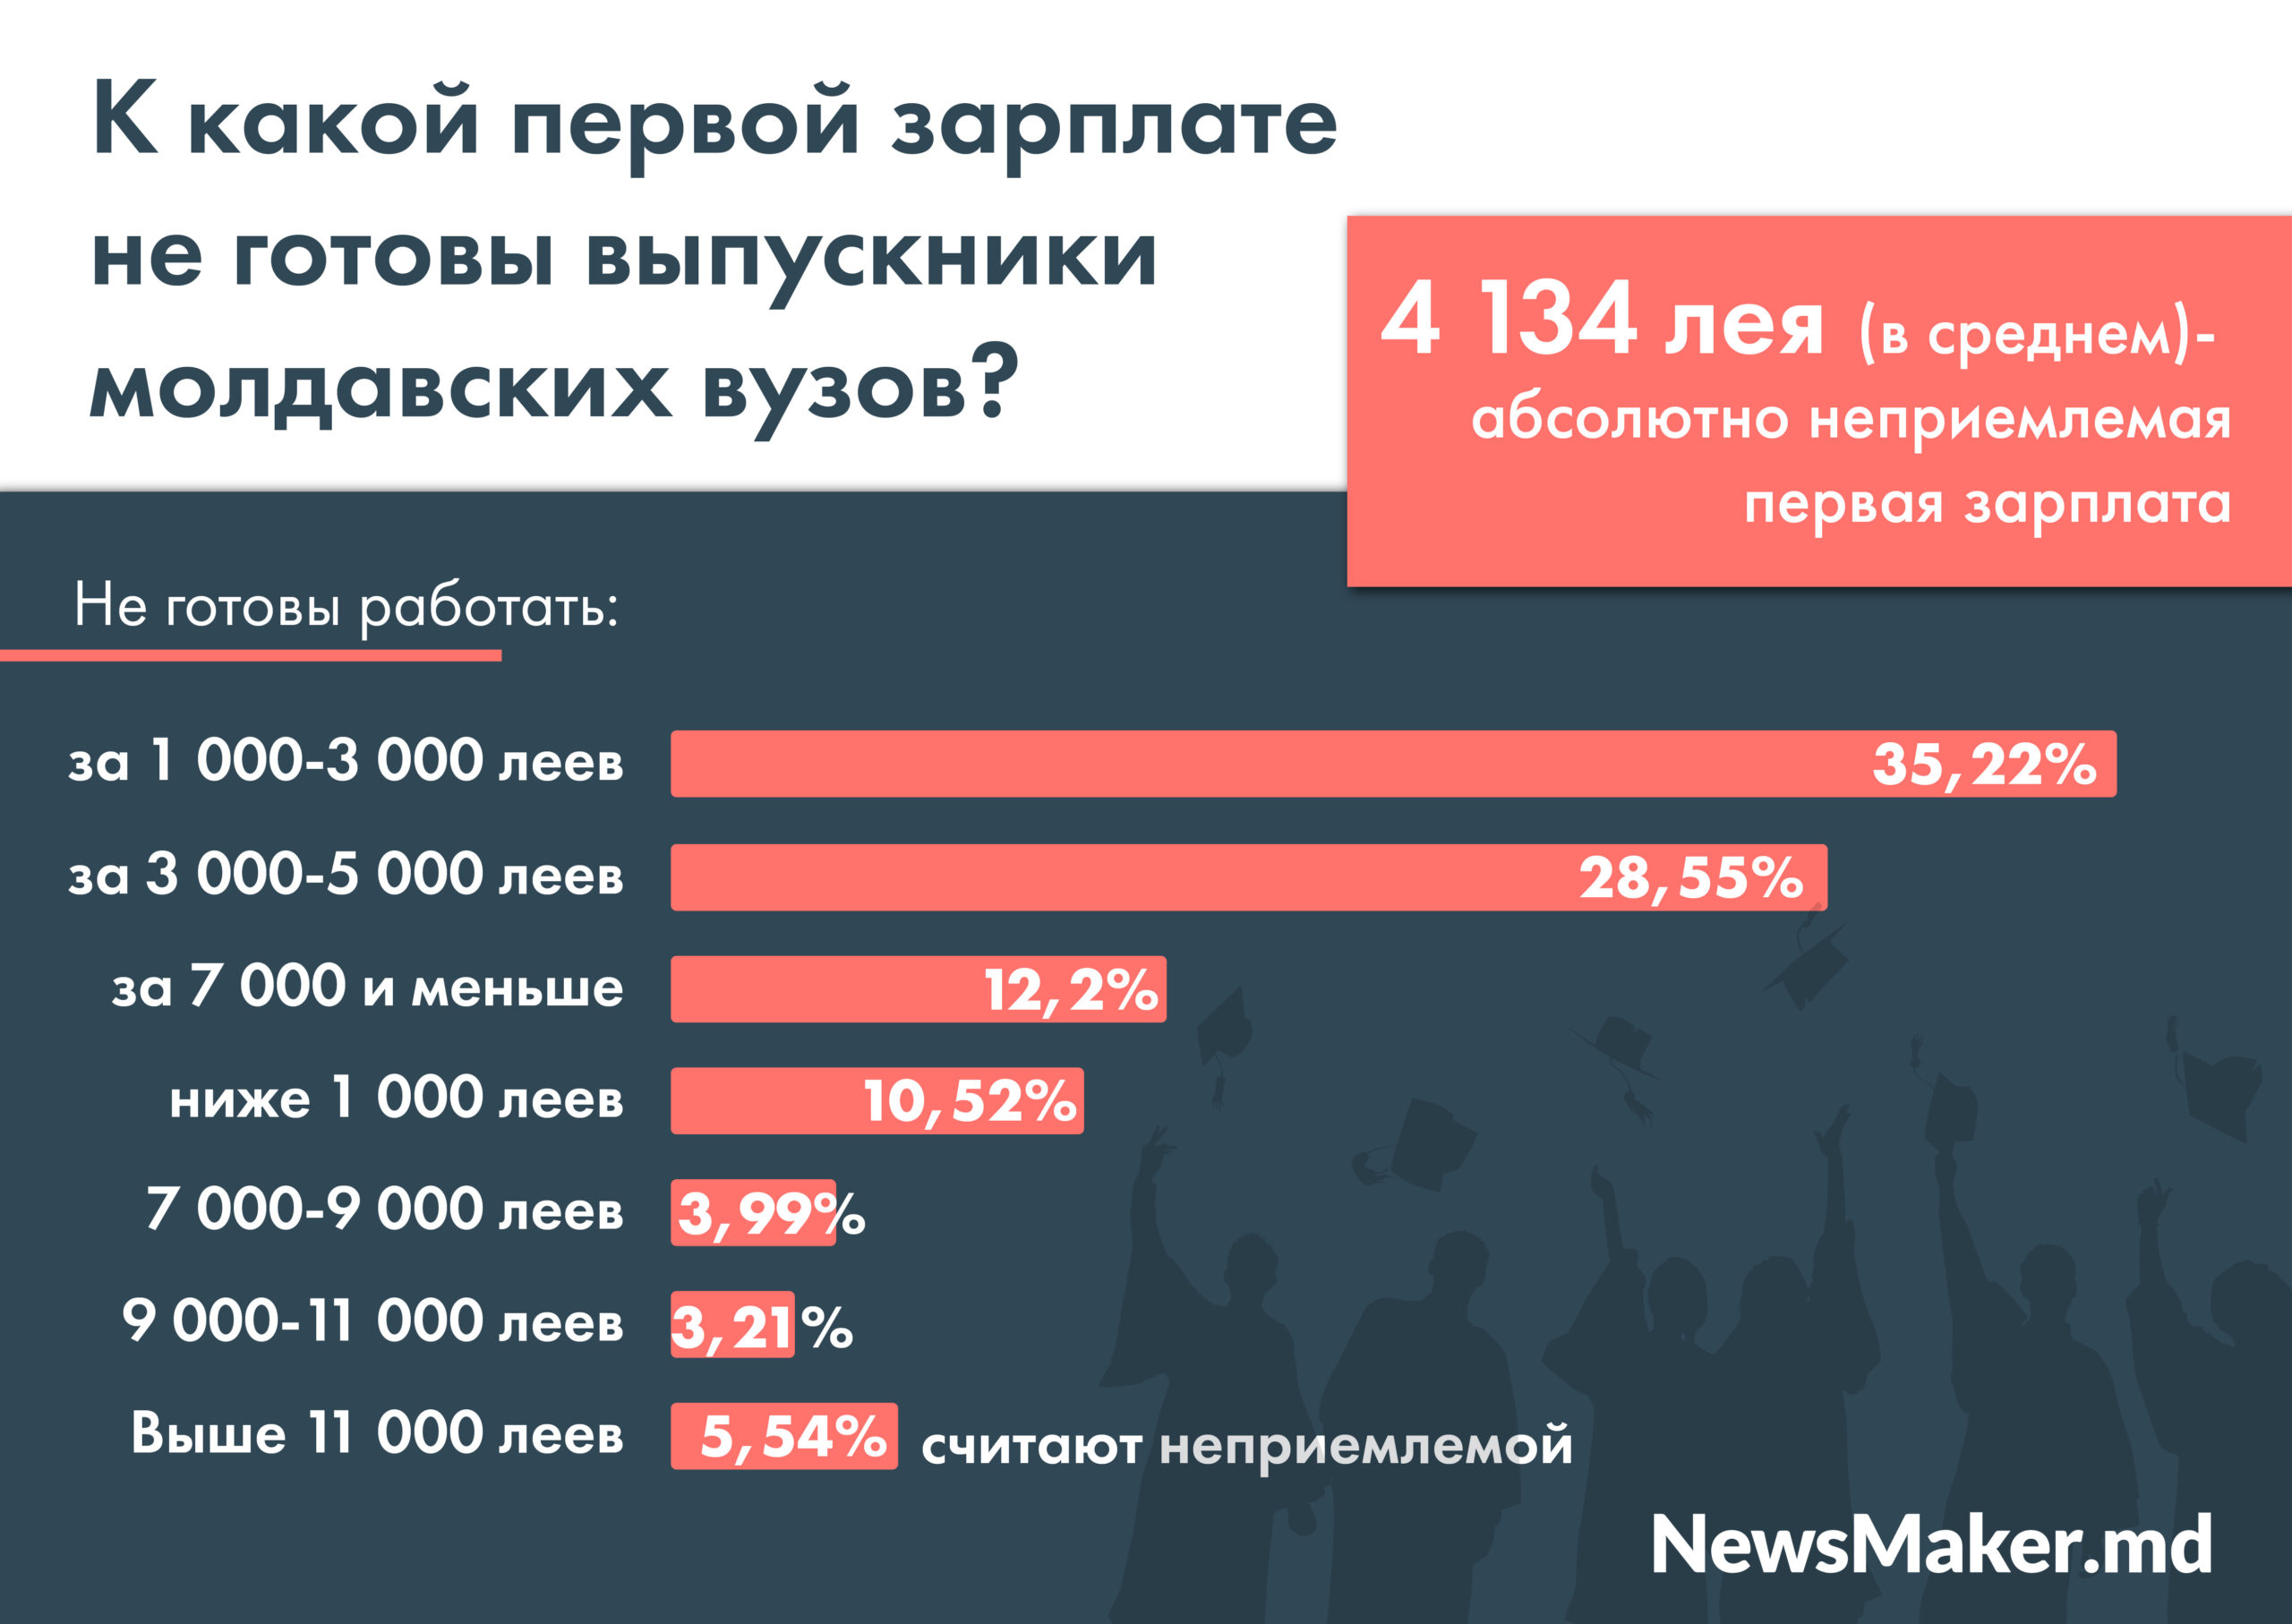 Какую работу и зарплату хотят выпускники молдавских вузов. В Молдове провели масштабное исследование